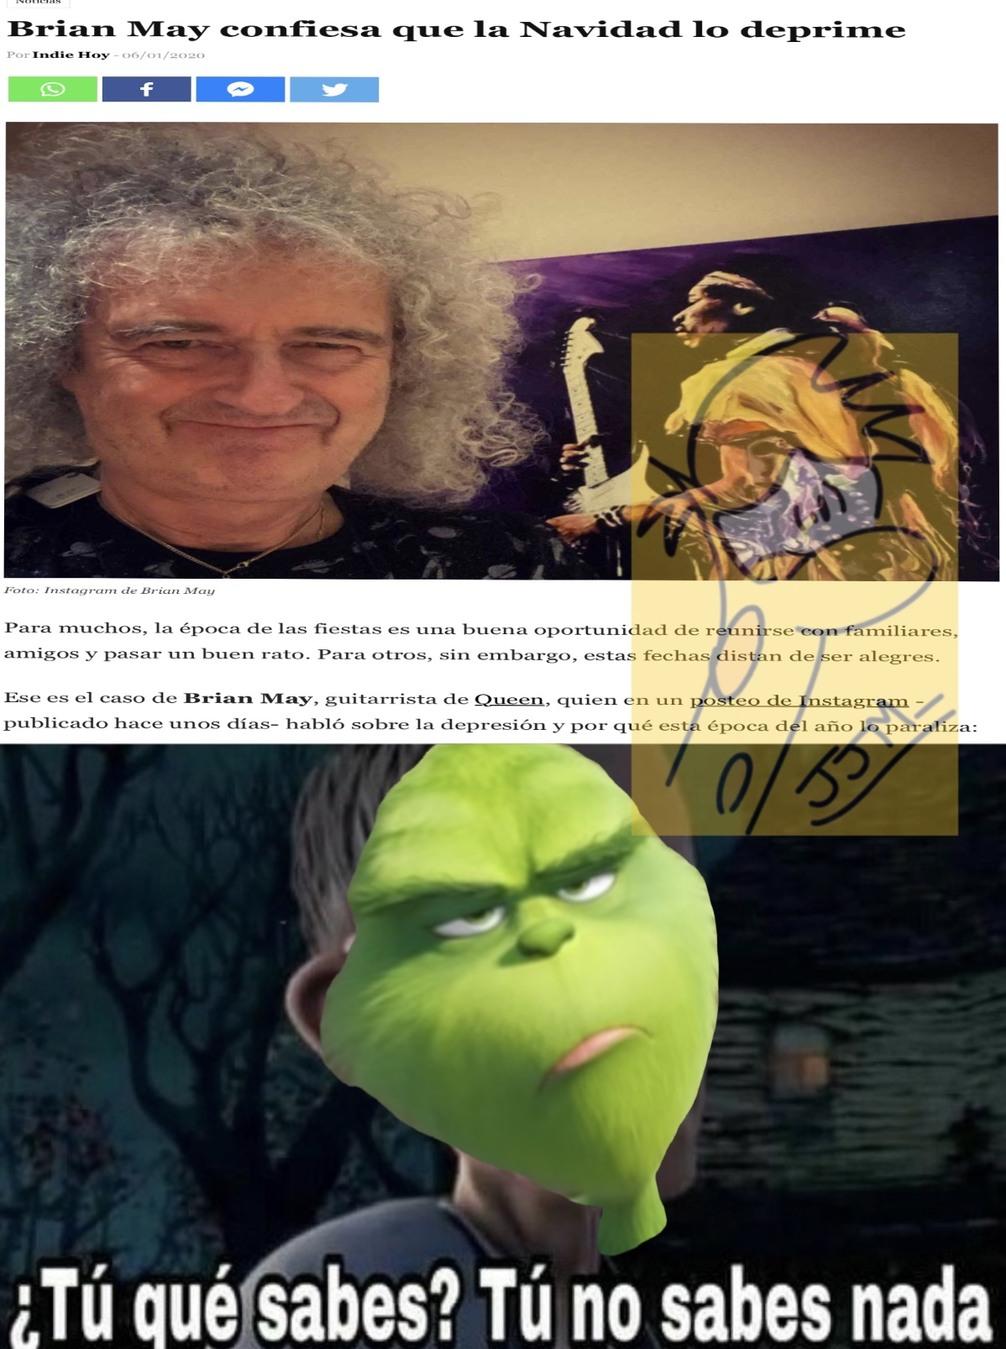 Como el guitarrista de Queen se robo la navidad - meme